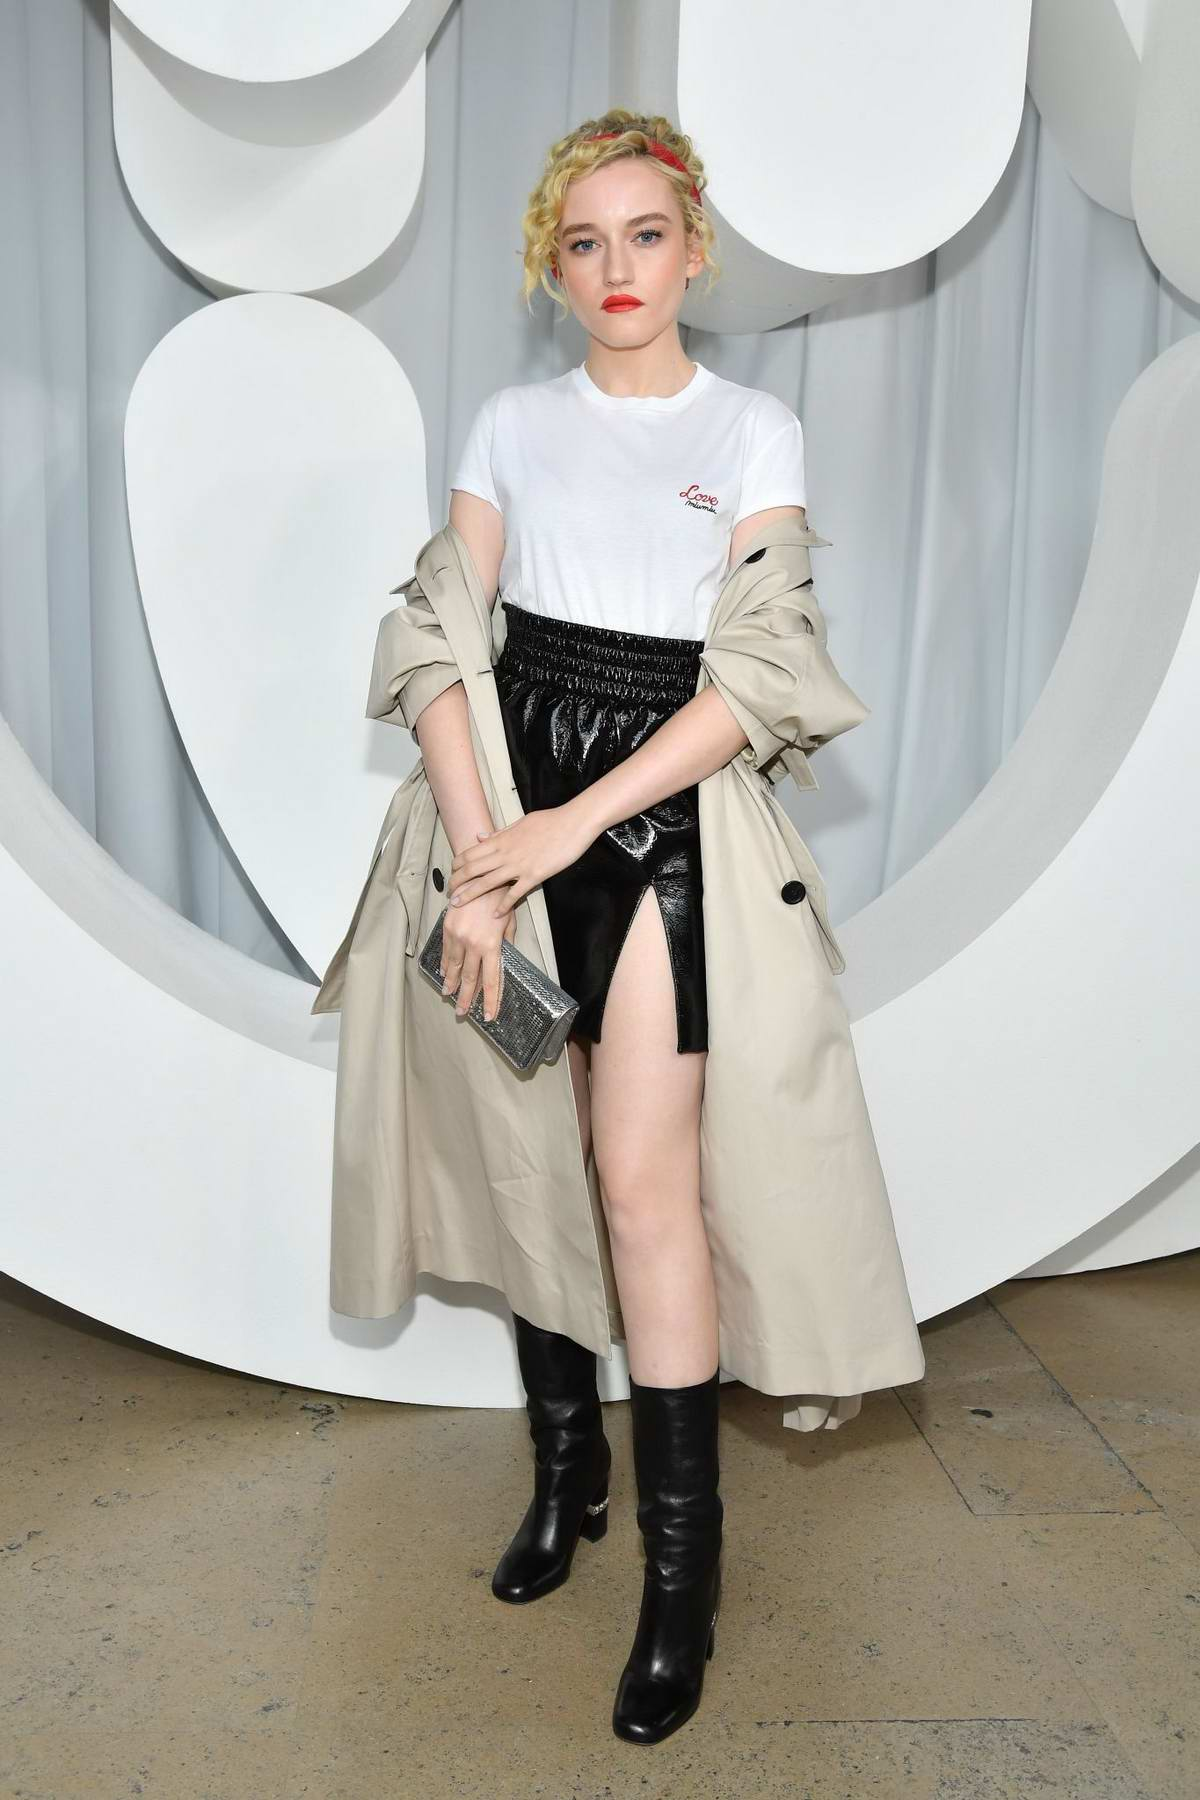 Julia Garner attending Miu Miu Show during Paris Fashion Week in Paris, France